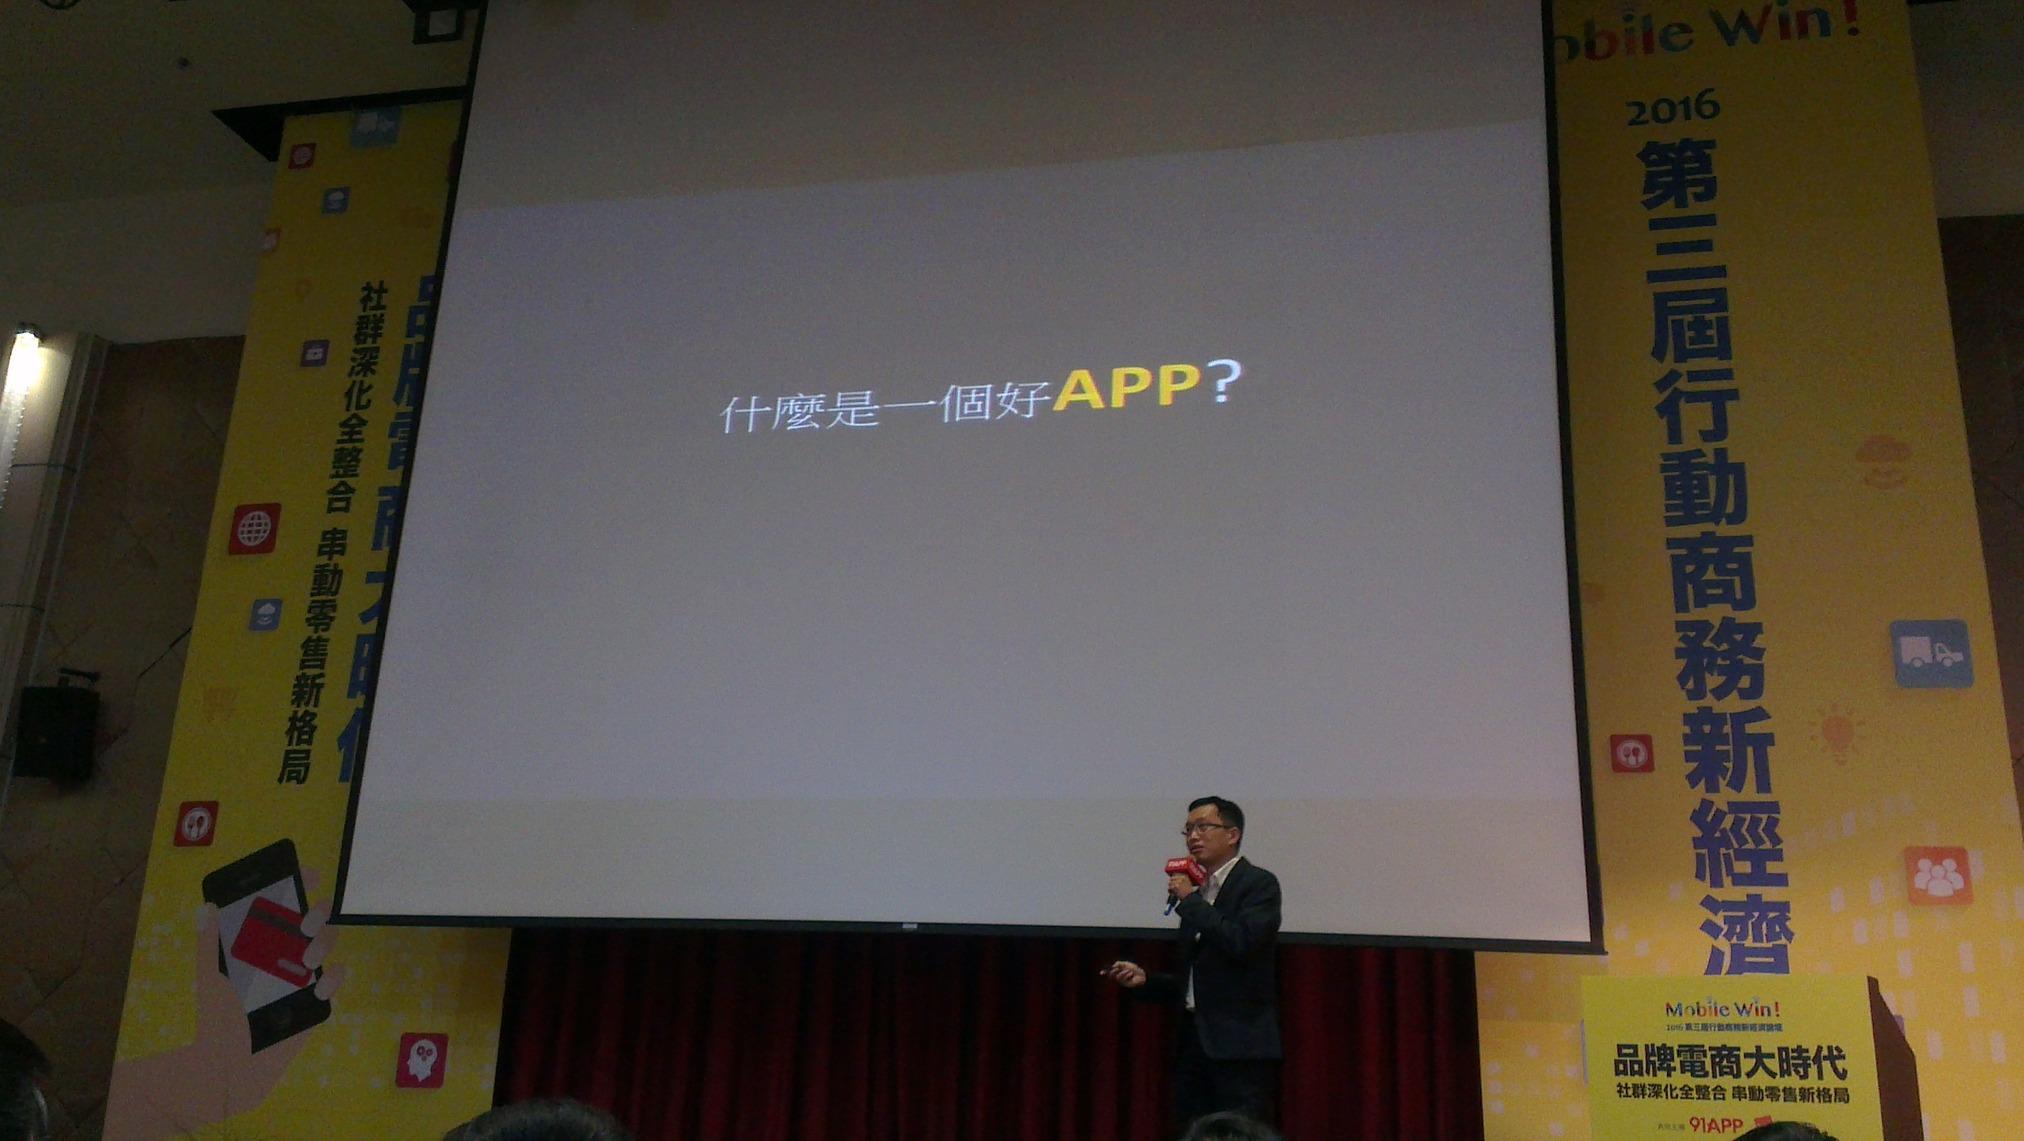 詹宏志:行動化時代來臨,新(行動)舊(PC)電商如何勝出?